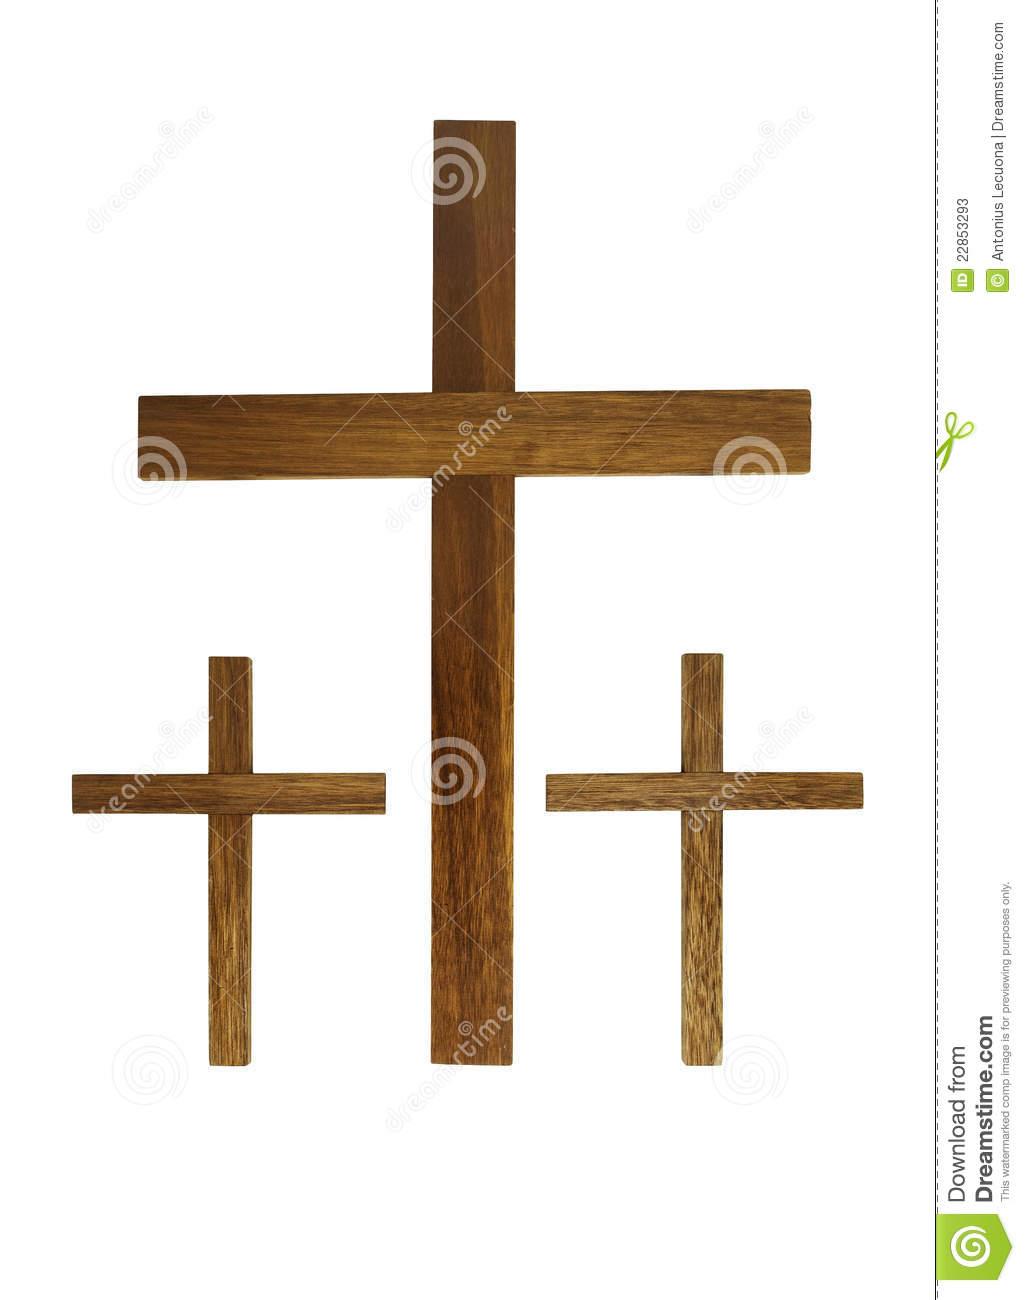 wooden cross clip art clipart panda free clipart images rh clipartpanda com